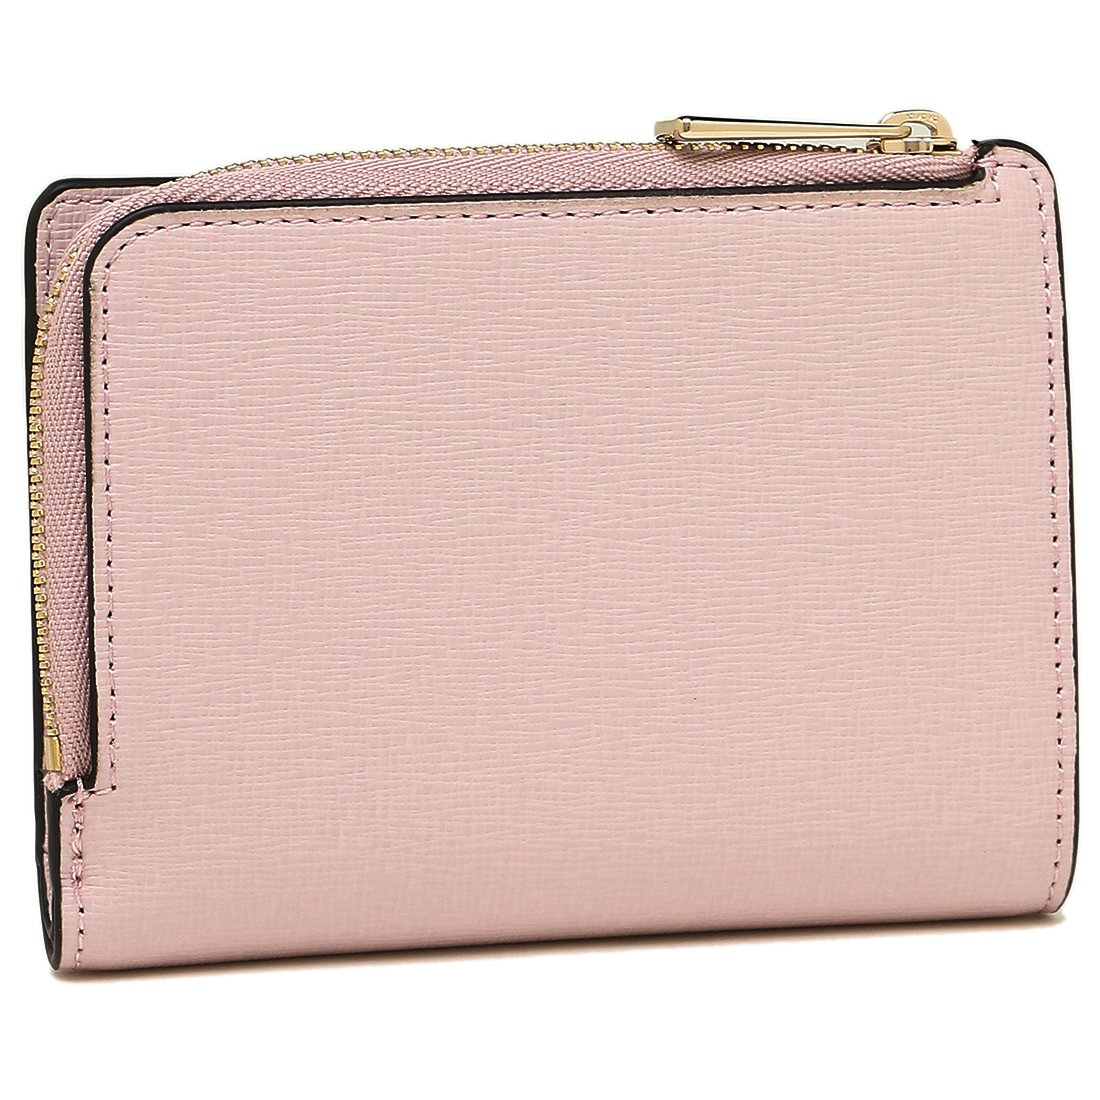 69d8a865a698 Amazon | [フルラ] 折財布 レディース FURLA 963472 PU75 B30 LC4 ピンク [並行輸入品] | 財布